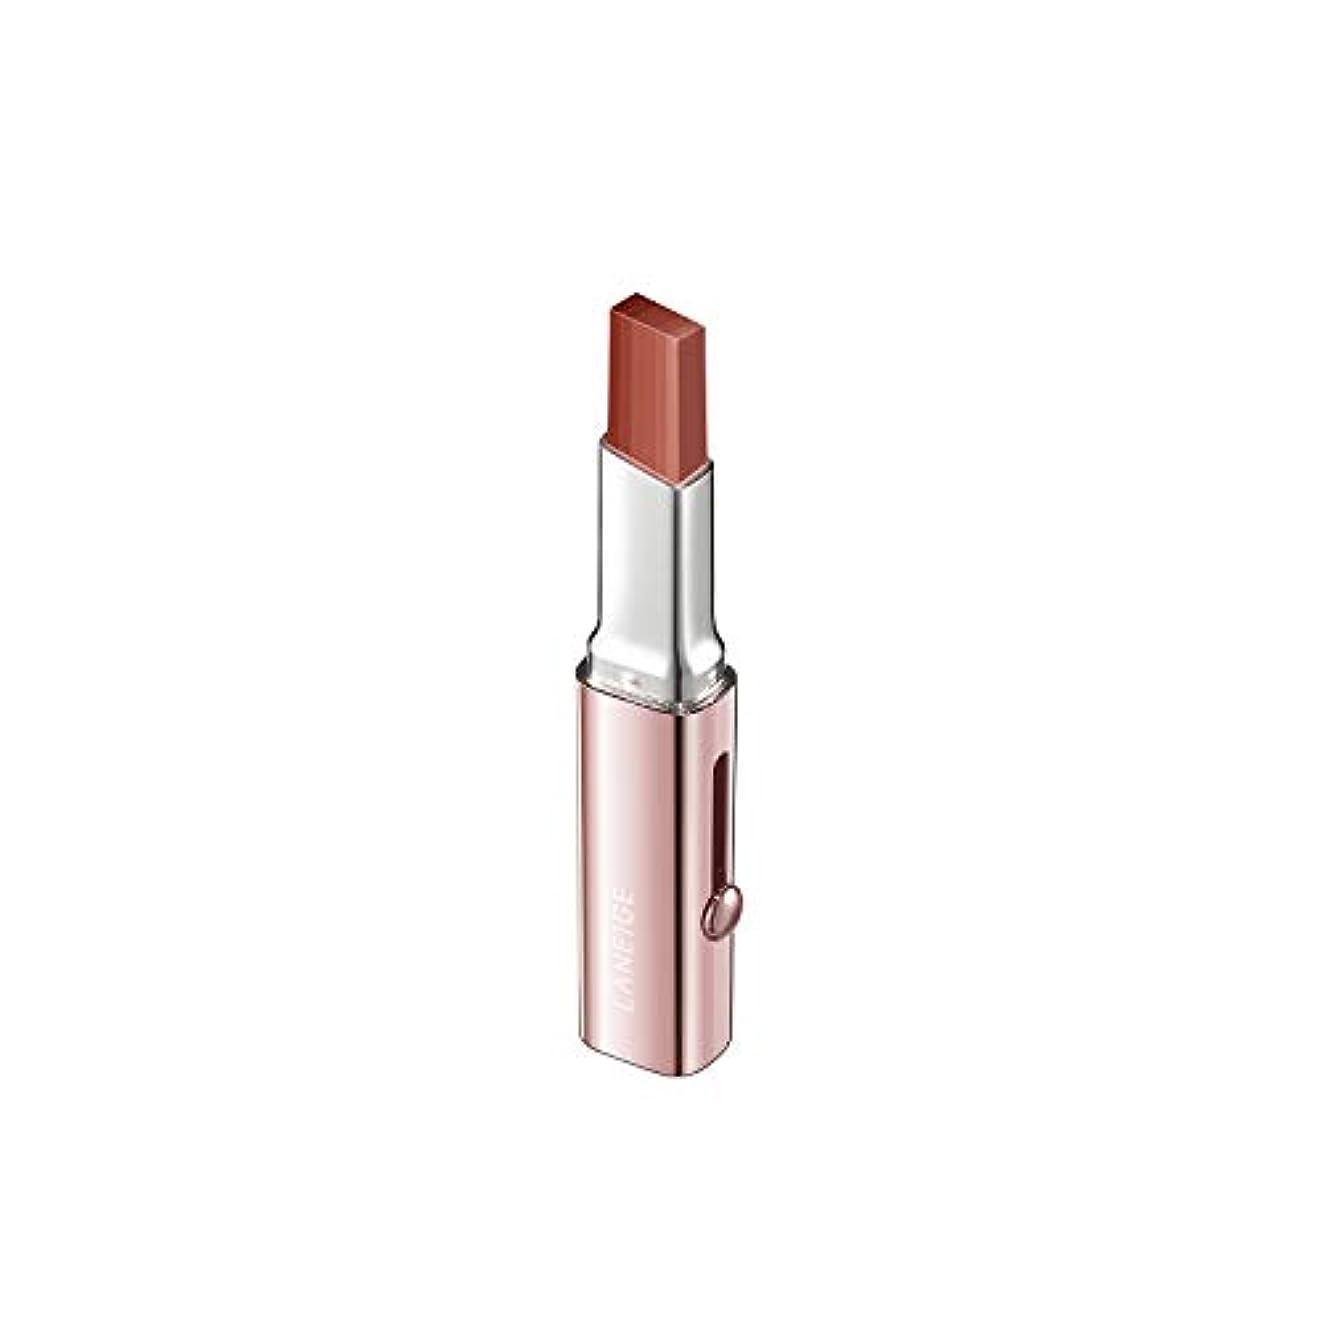 入場料祈り周辺【ラネージュ】階層リップバー(1.9G)/ Layering Lip Bar-6つのカラーでのグラデーションカラー演出 (#15 SHAY BEIGE)